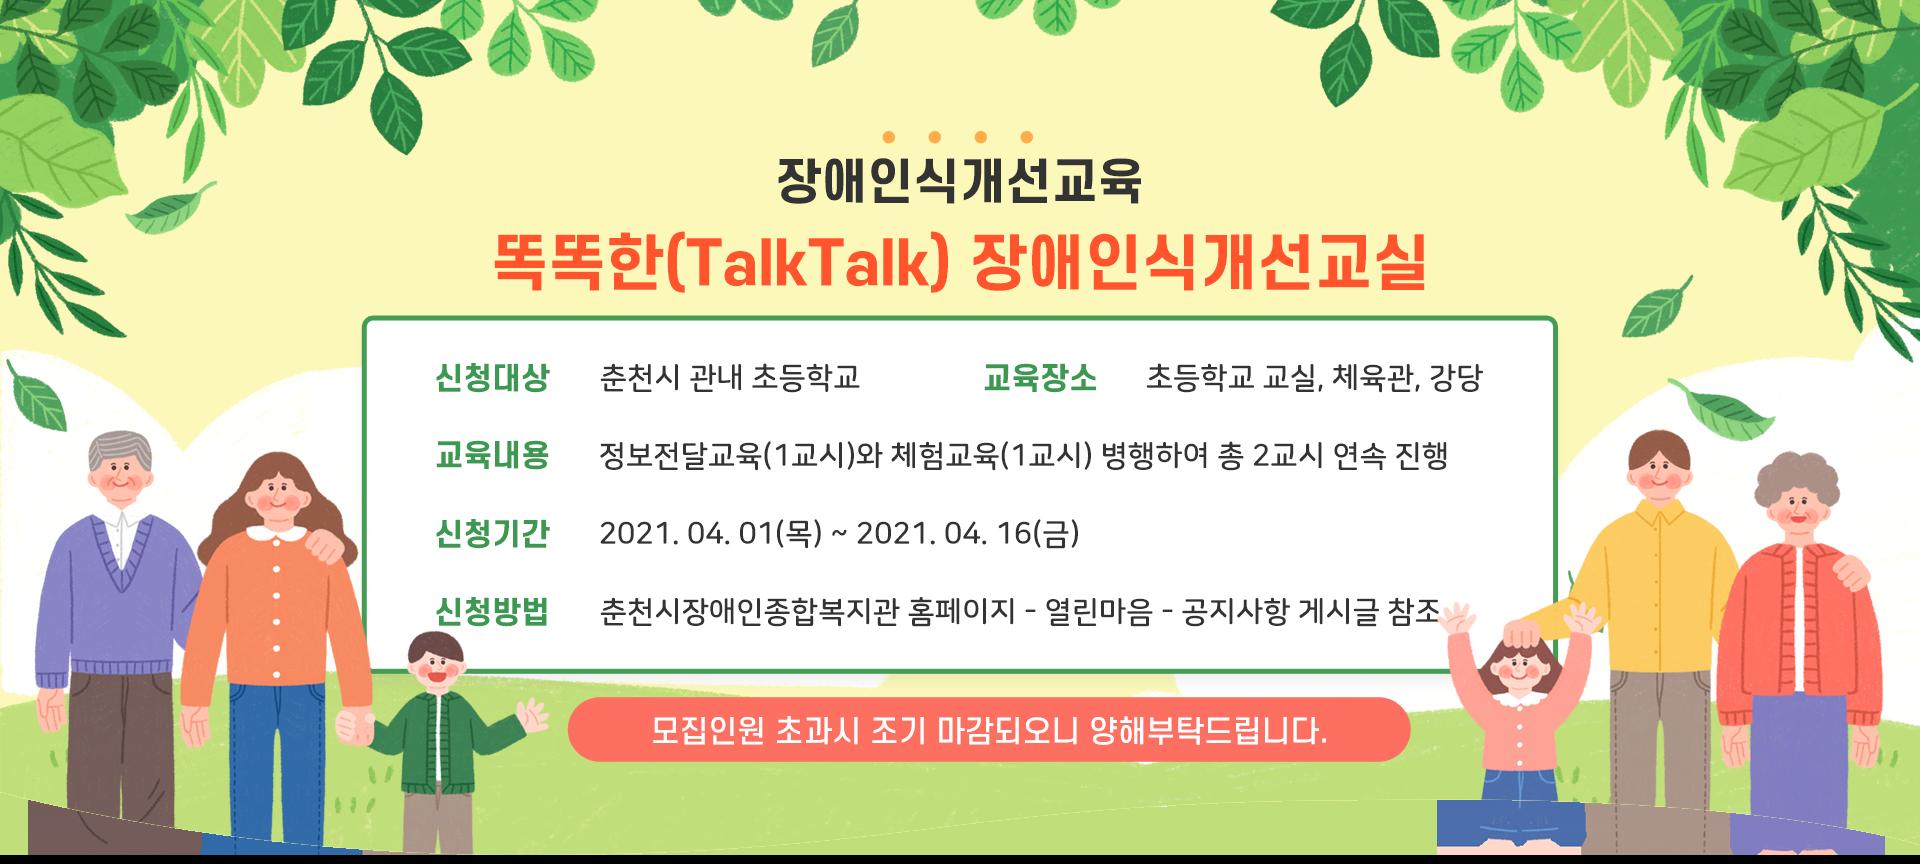 똑똑한(Talk Talk) 장애인식개선교실 안내 및 신청